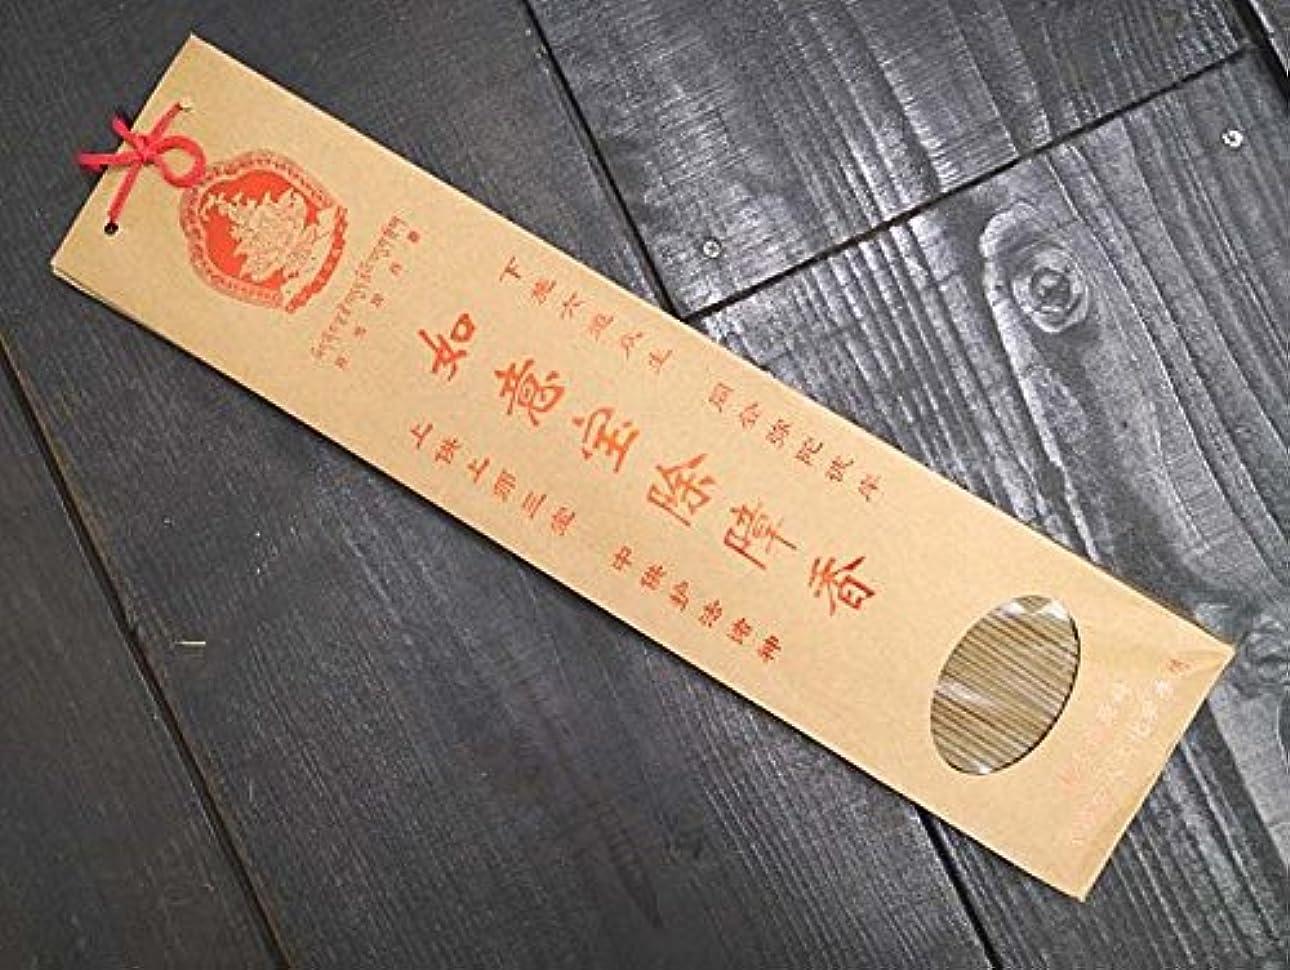 機関車ウサギ回路如意宝 中国湖北省武漢市で作られる除障香【如意宝除障香】